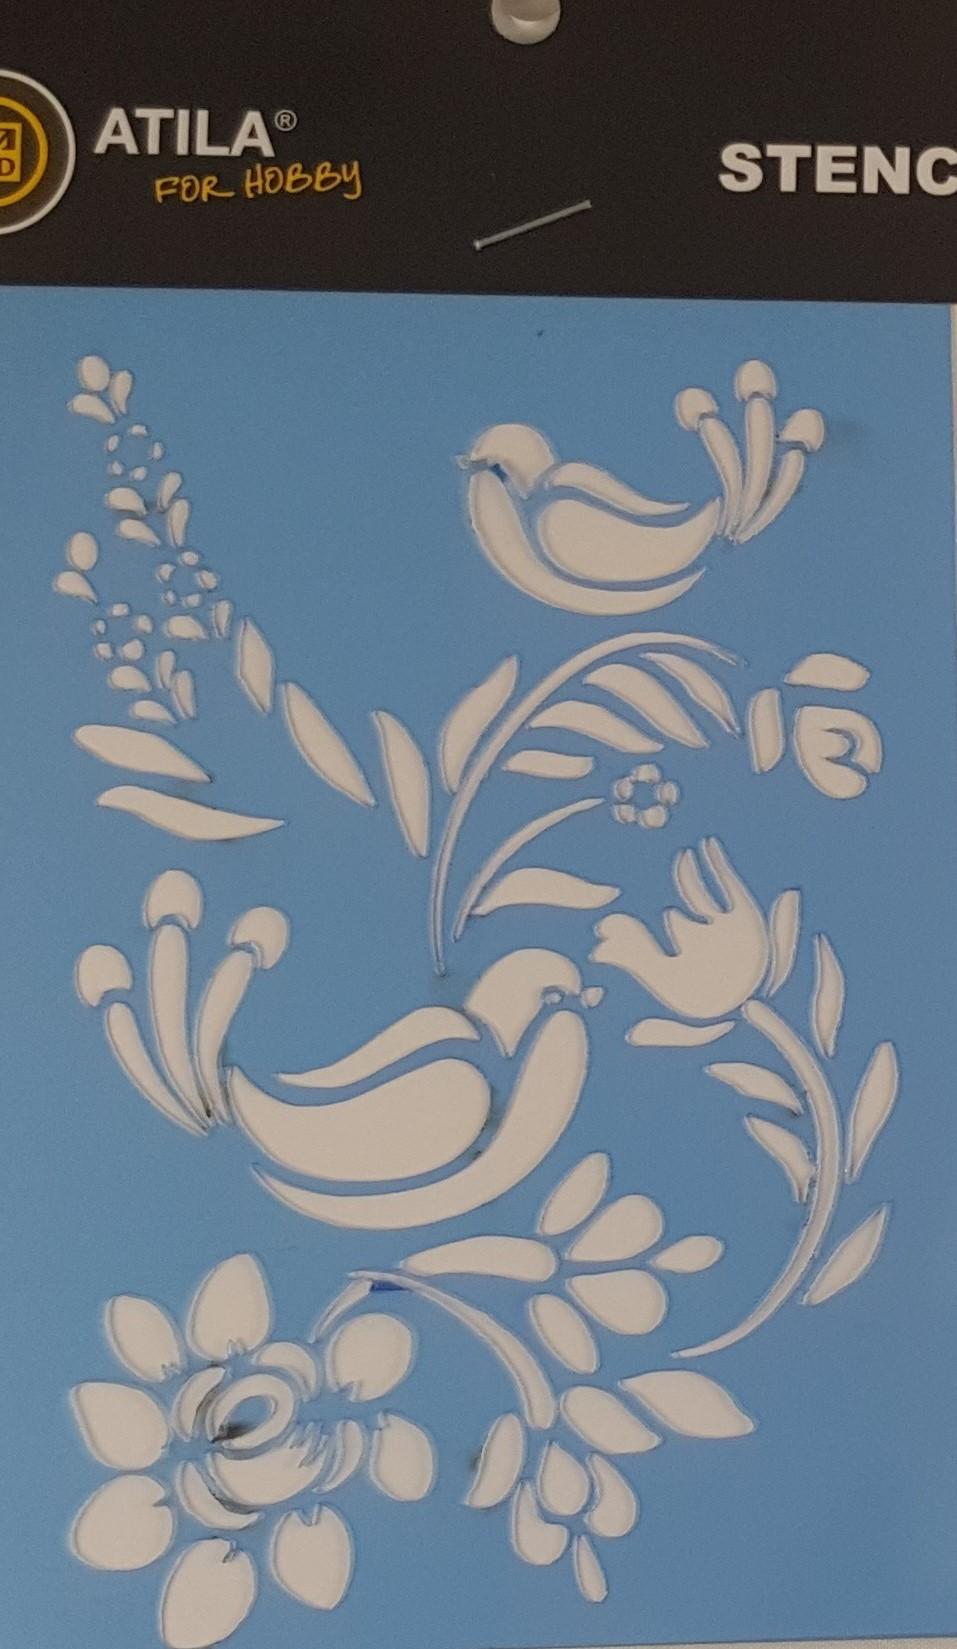 Stencil (passarinhos) arabescos e flores